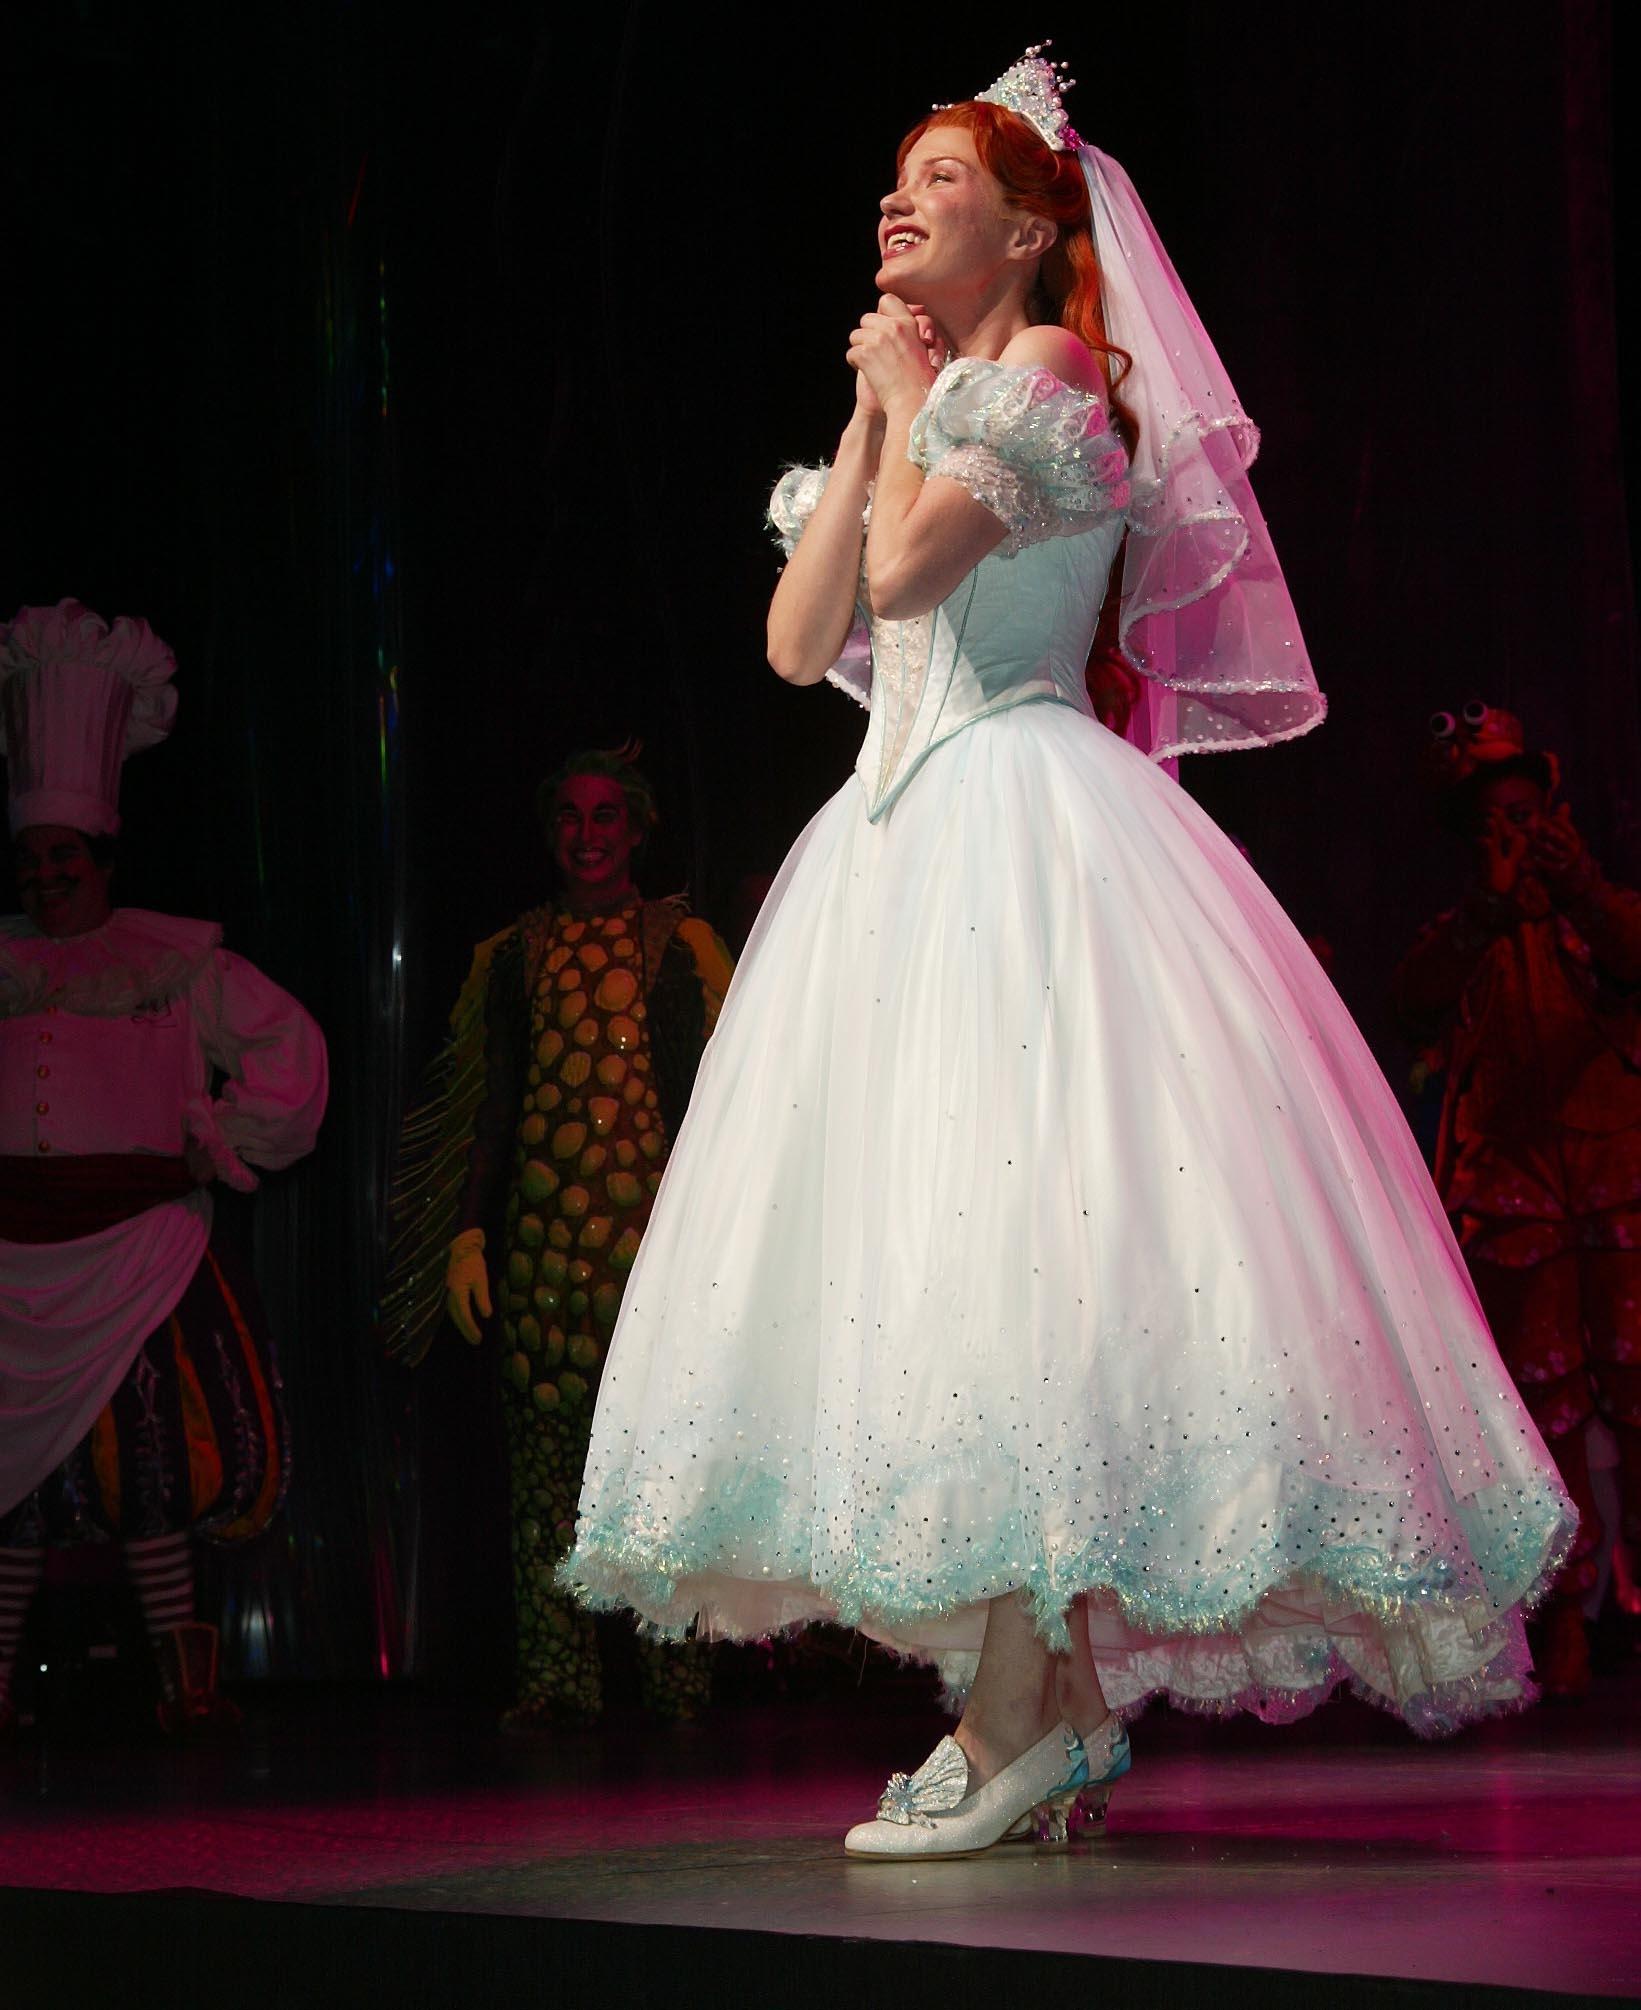 Sierra-Boggess-Little-Mermaid-Broadway-MermaidCurtainJM9.JPG